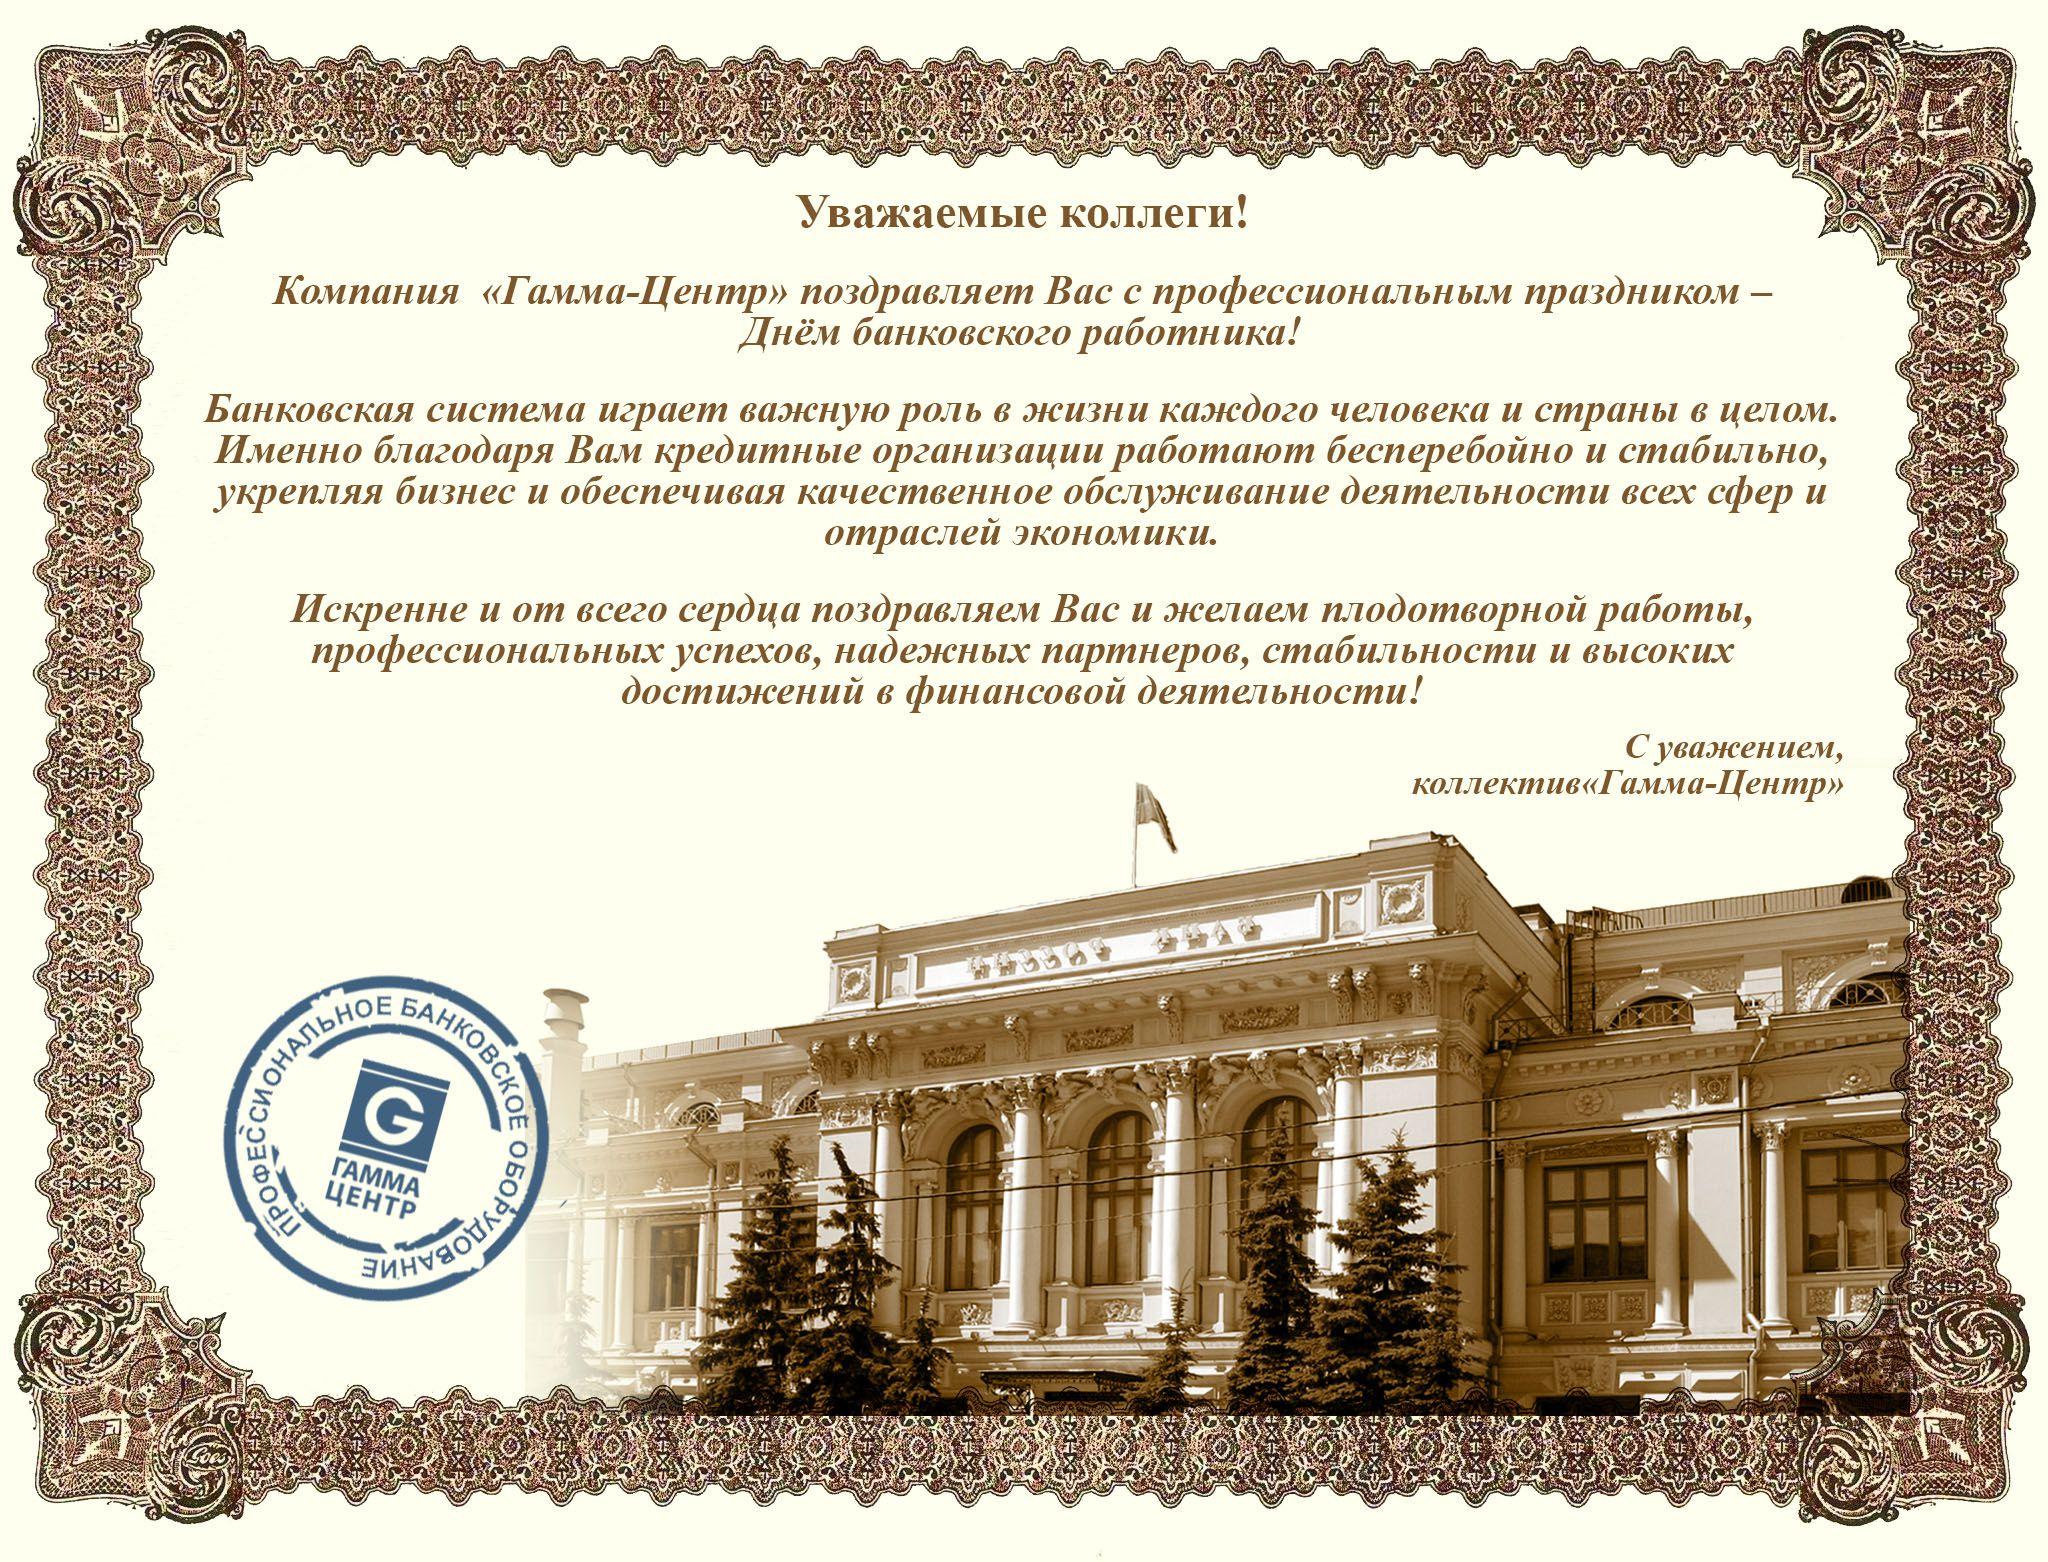 Поздравления с юбилеем банков